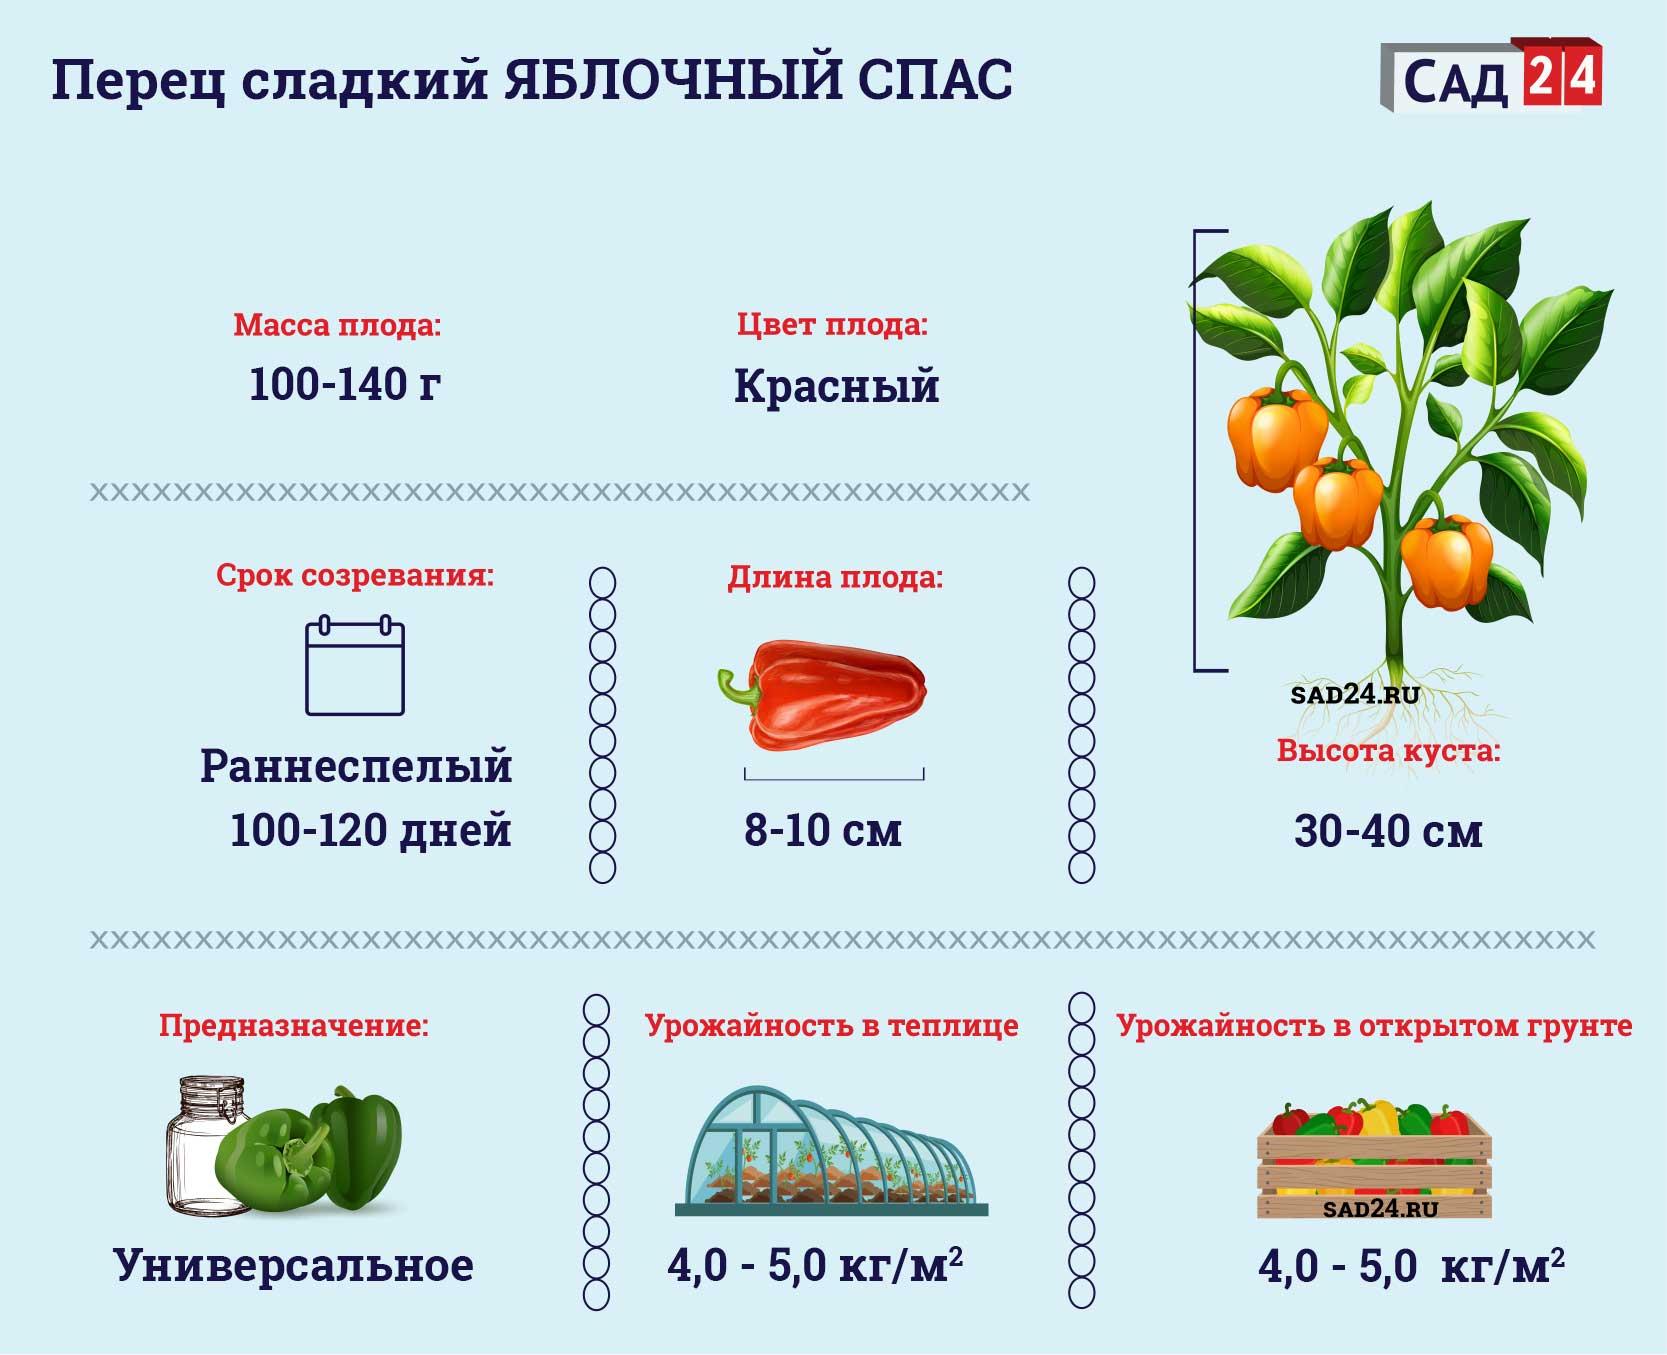 Яблочный спас https://sad24.ru